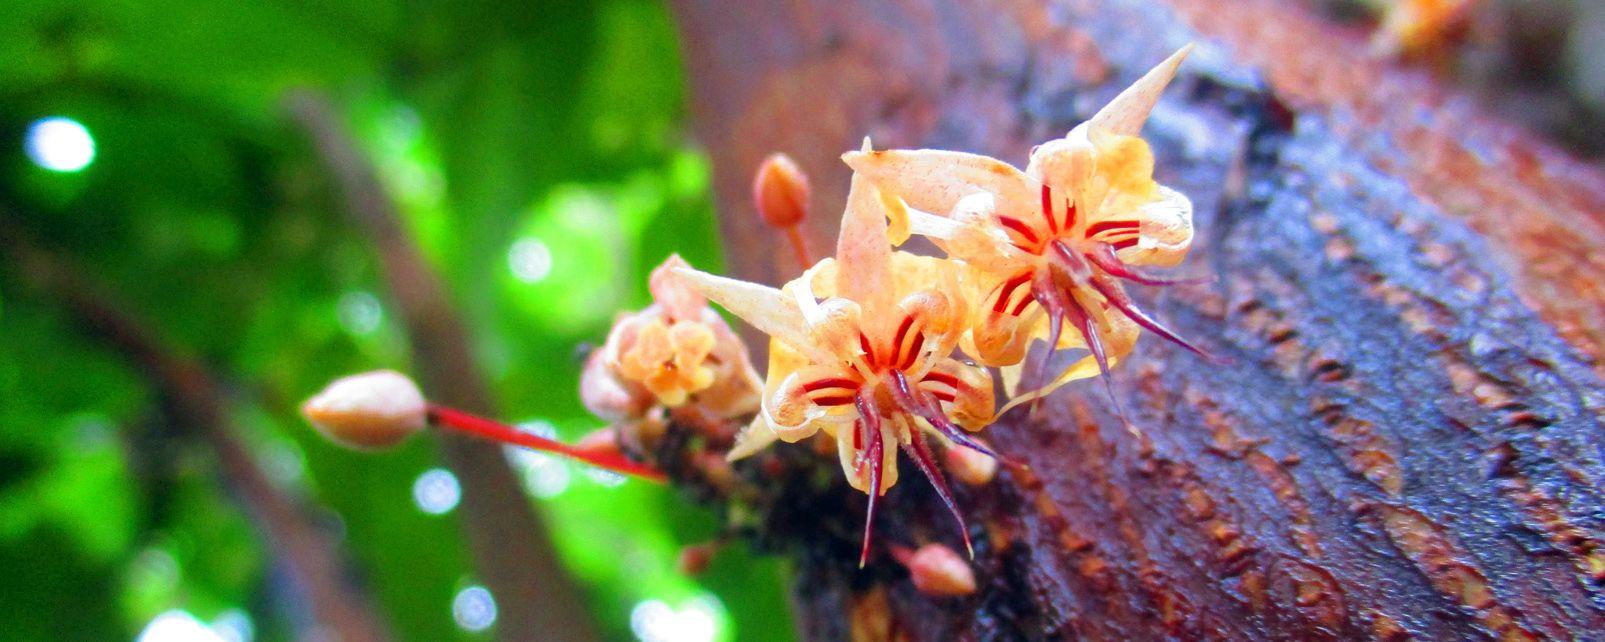 La flora en la isla de Granada, La flora, Fauna y flora, Granada